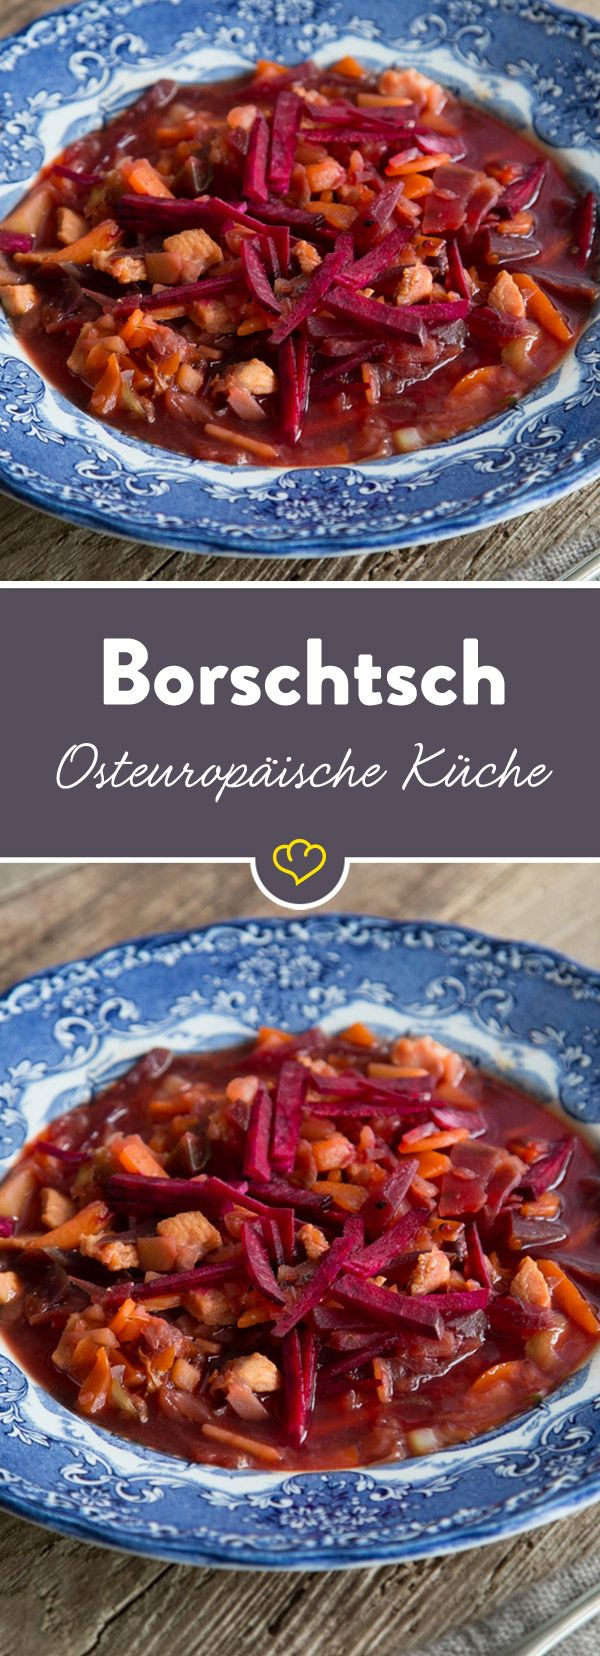 Borschtsch ist ein würziges Süppchen, das mit einer Kombination aus zartem Rindfleisch, deftigen Kartoffeln und süßer Roter Bete punktet.